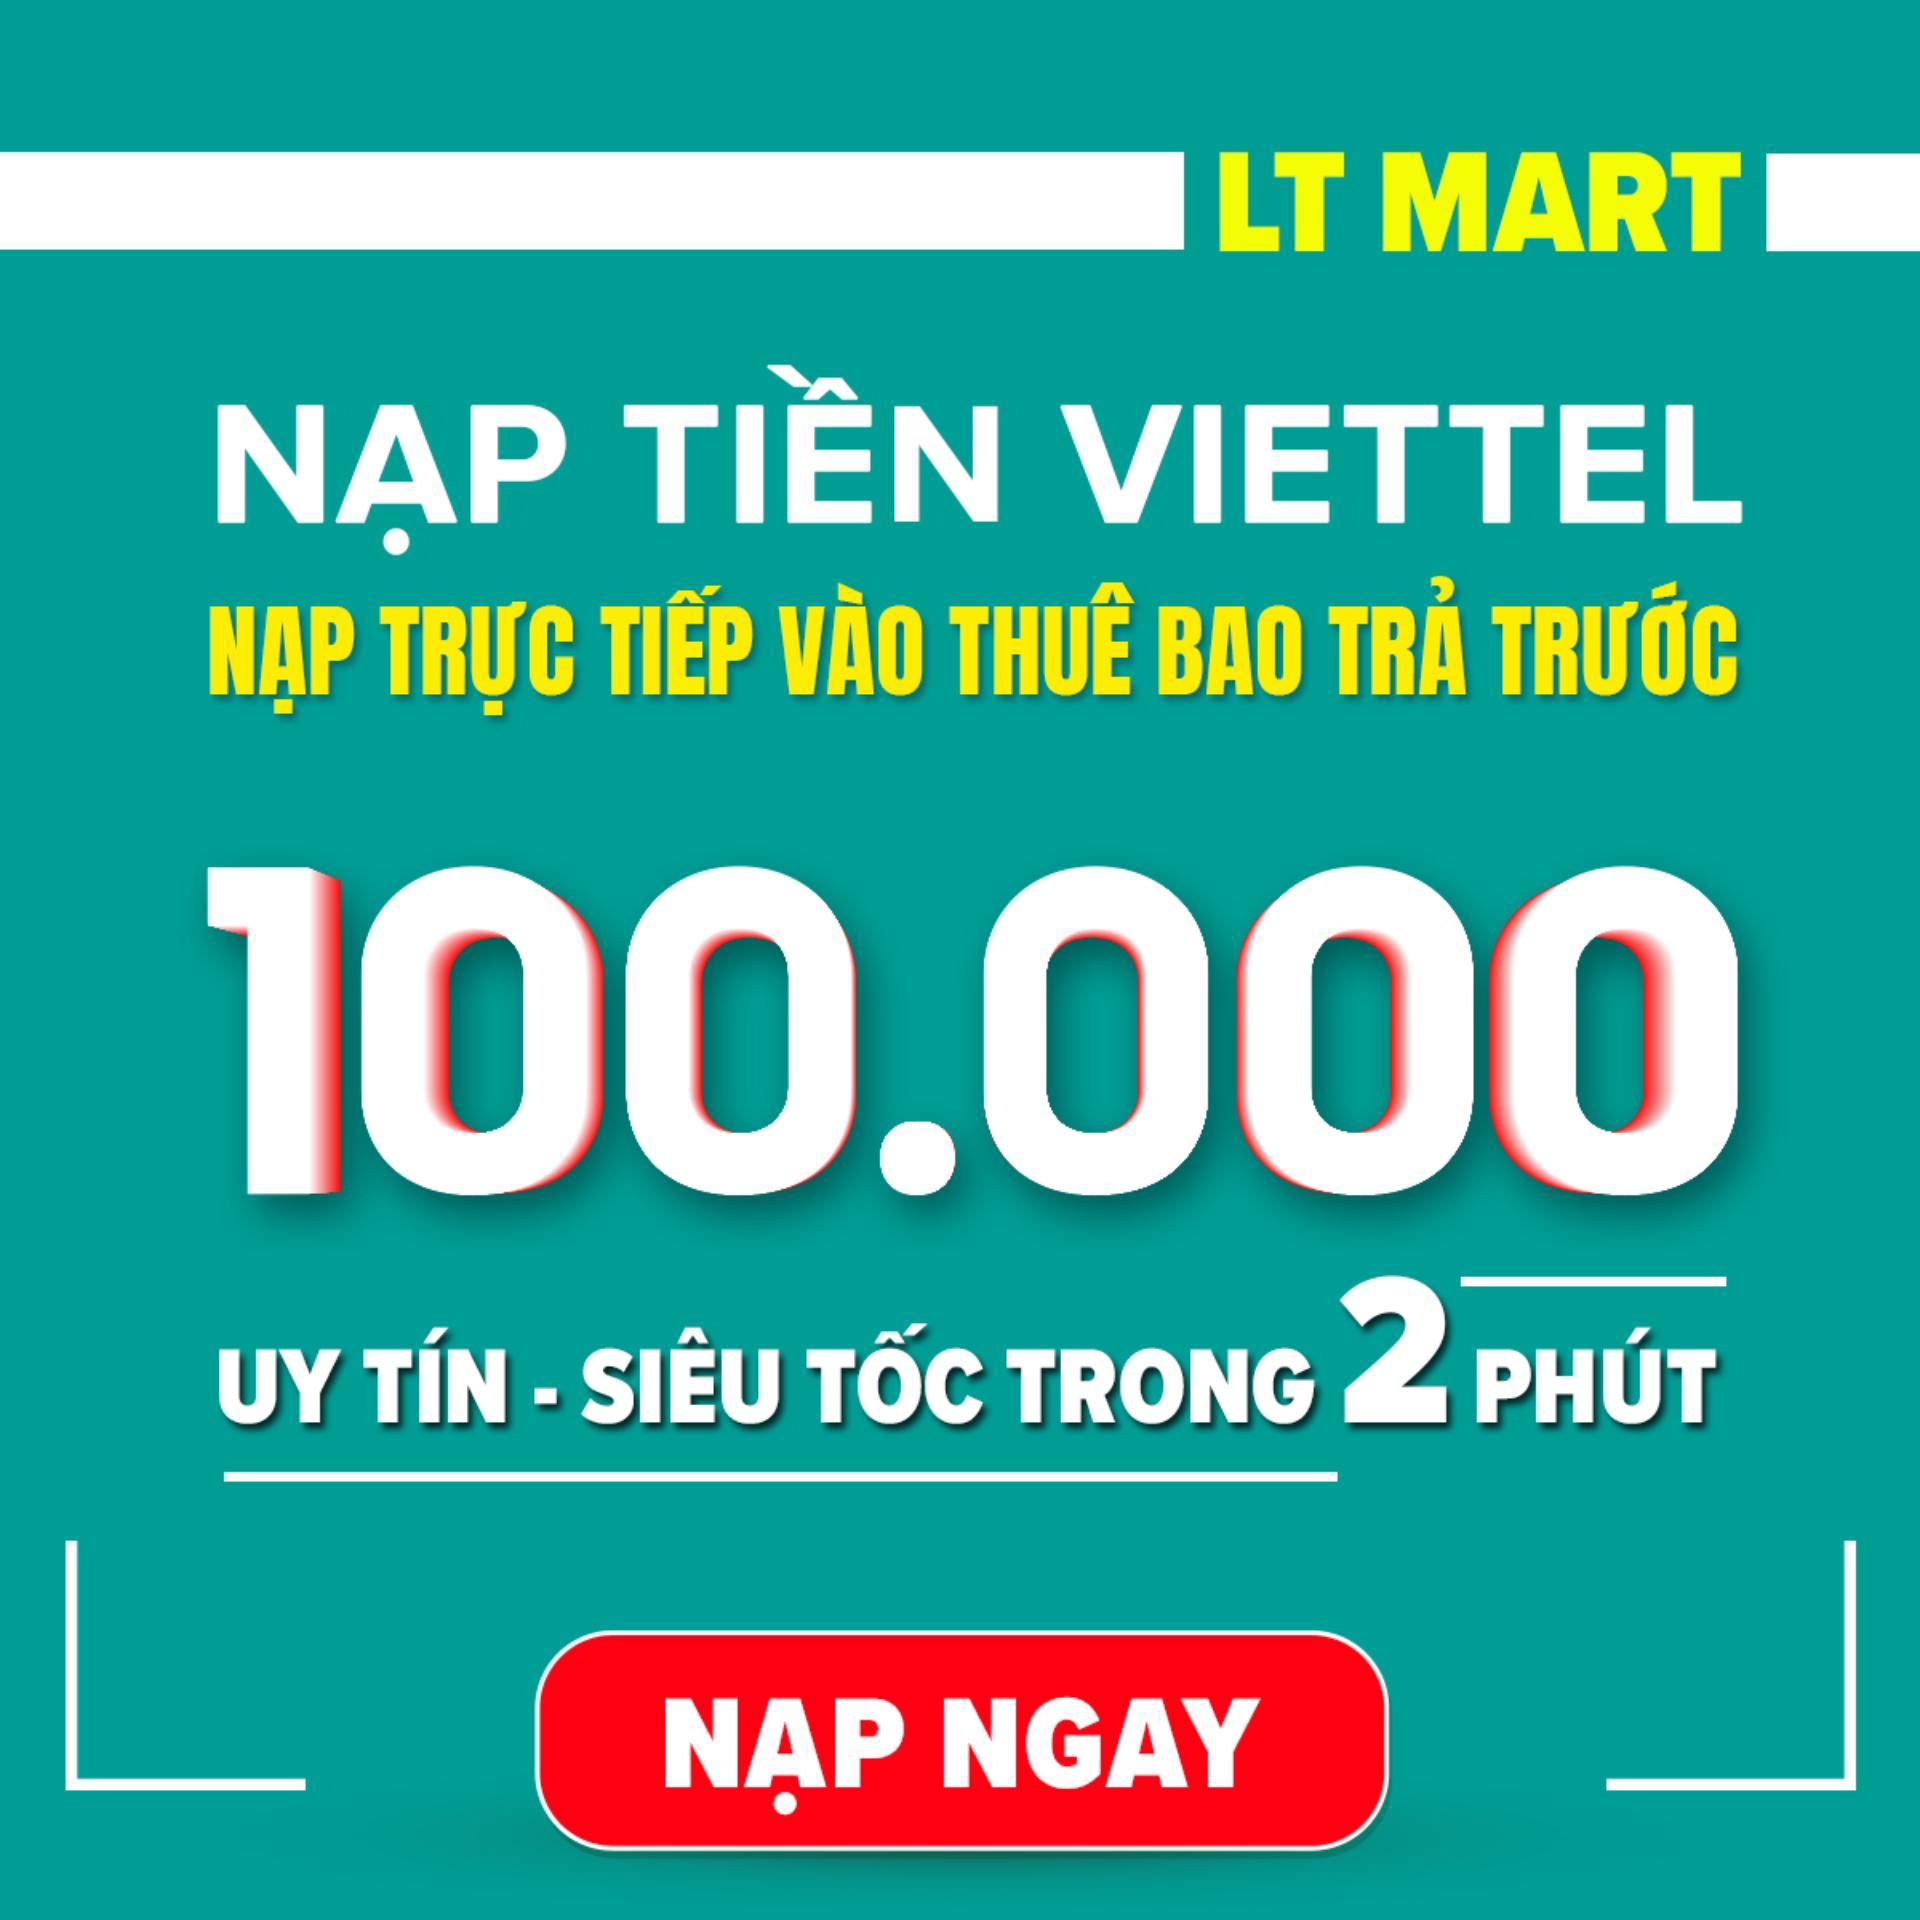 Nạp tiền Viettel 100.000 (Nạp tiền trực tiếp vào thuê bao trả trước Viettel).Nạp tiền điện thoại LTmart - Uy tín thao tác nhanh chóng [Viettel][100000]